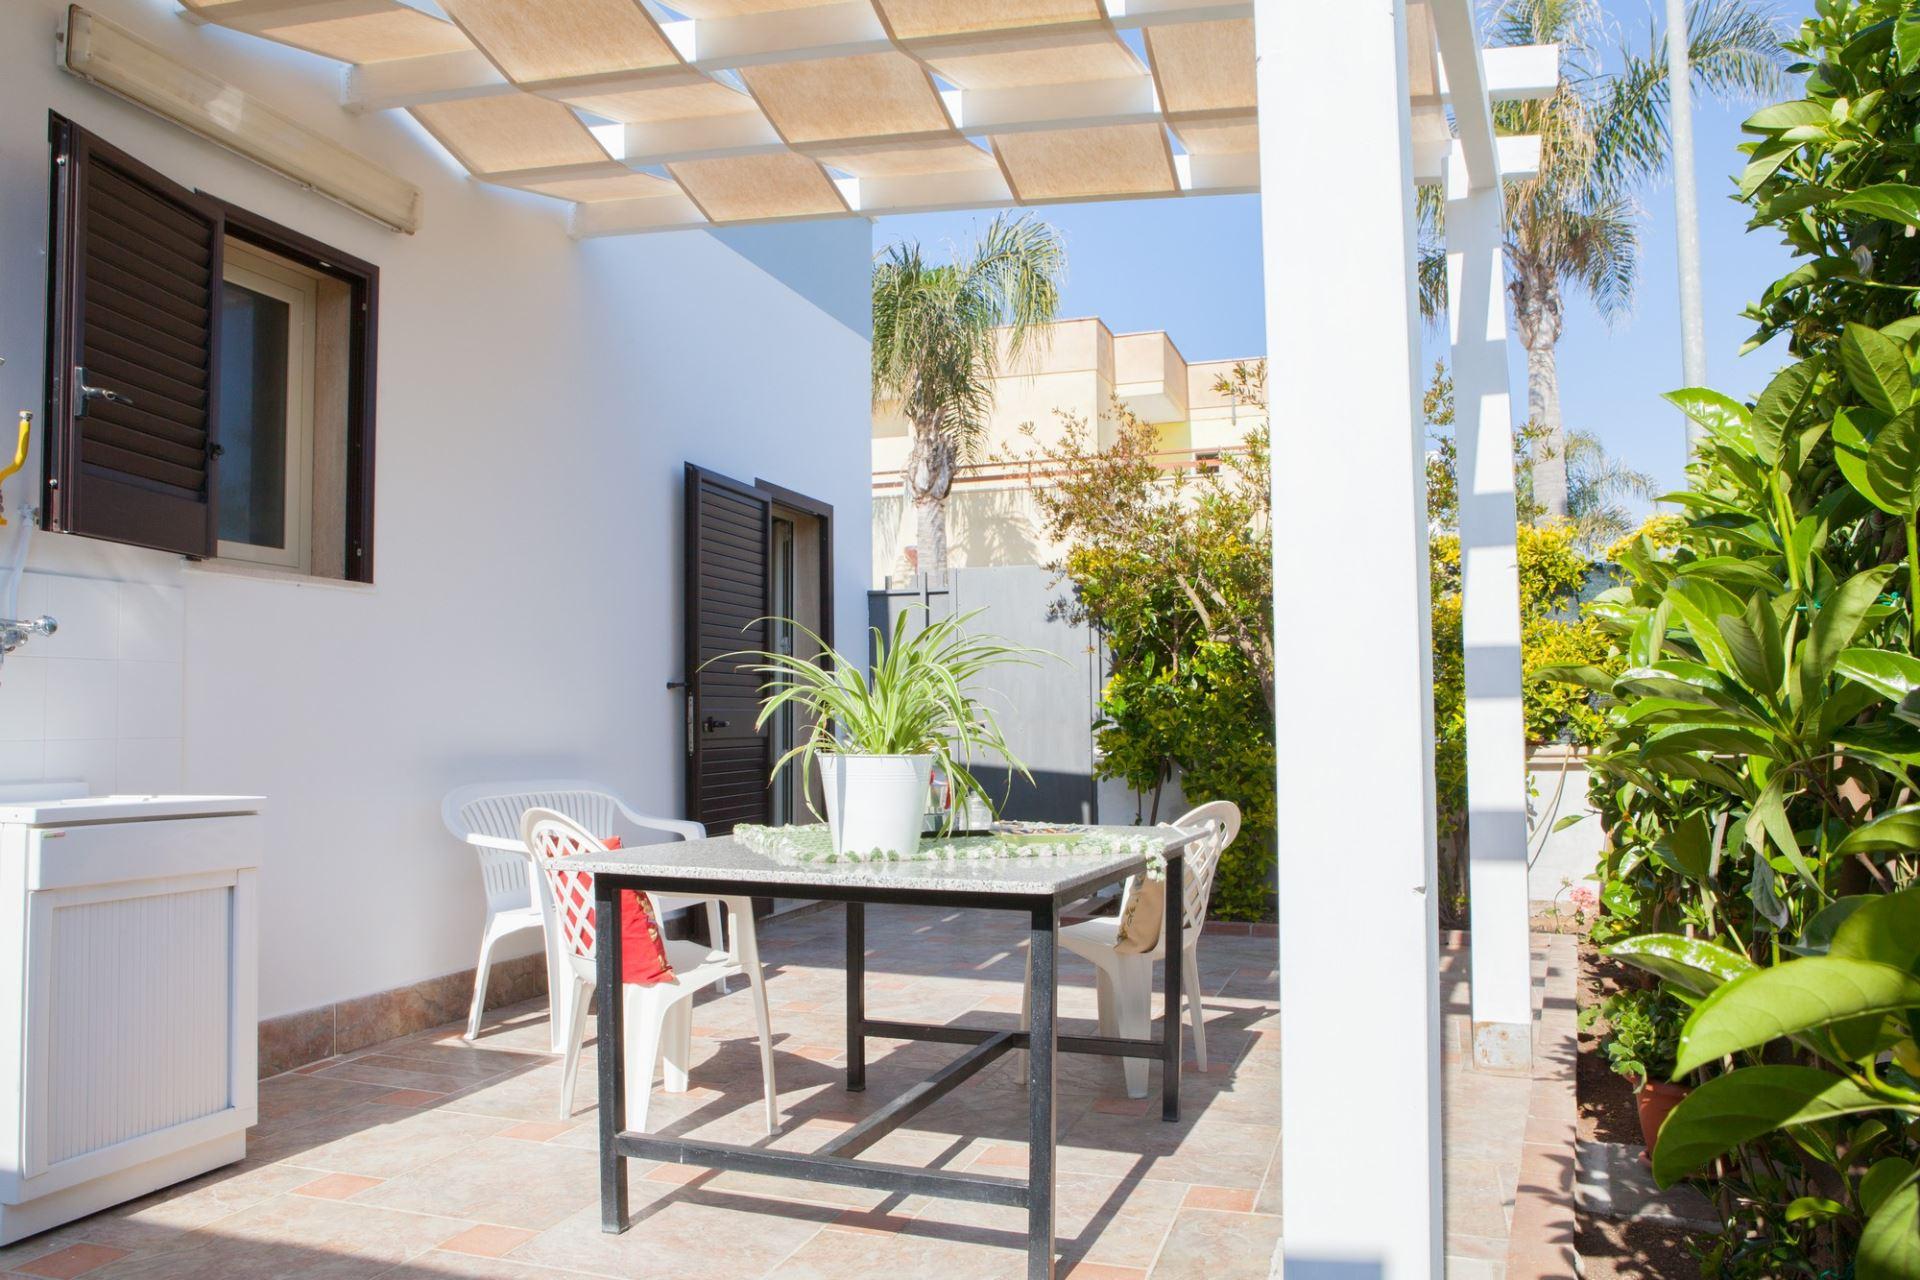 Casa Giusi, bilocale ristrutturato con giardino